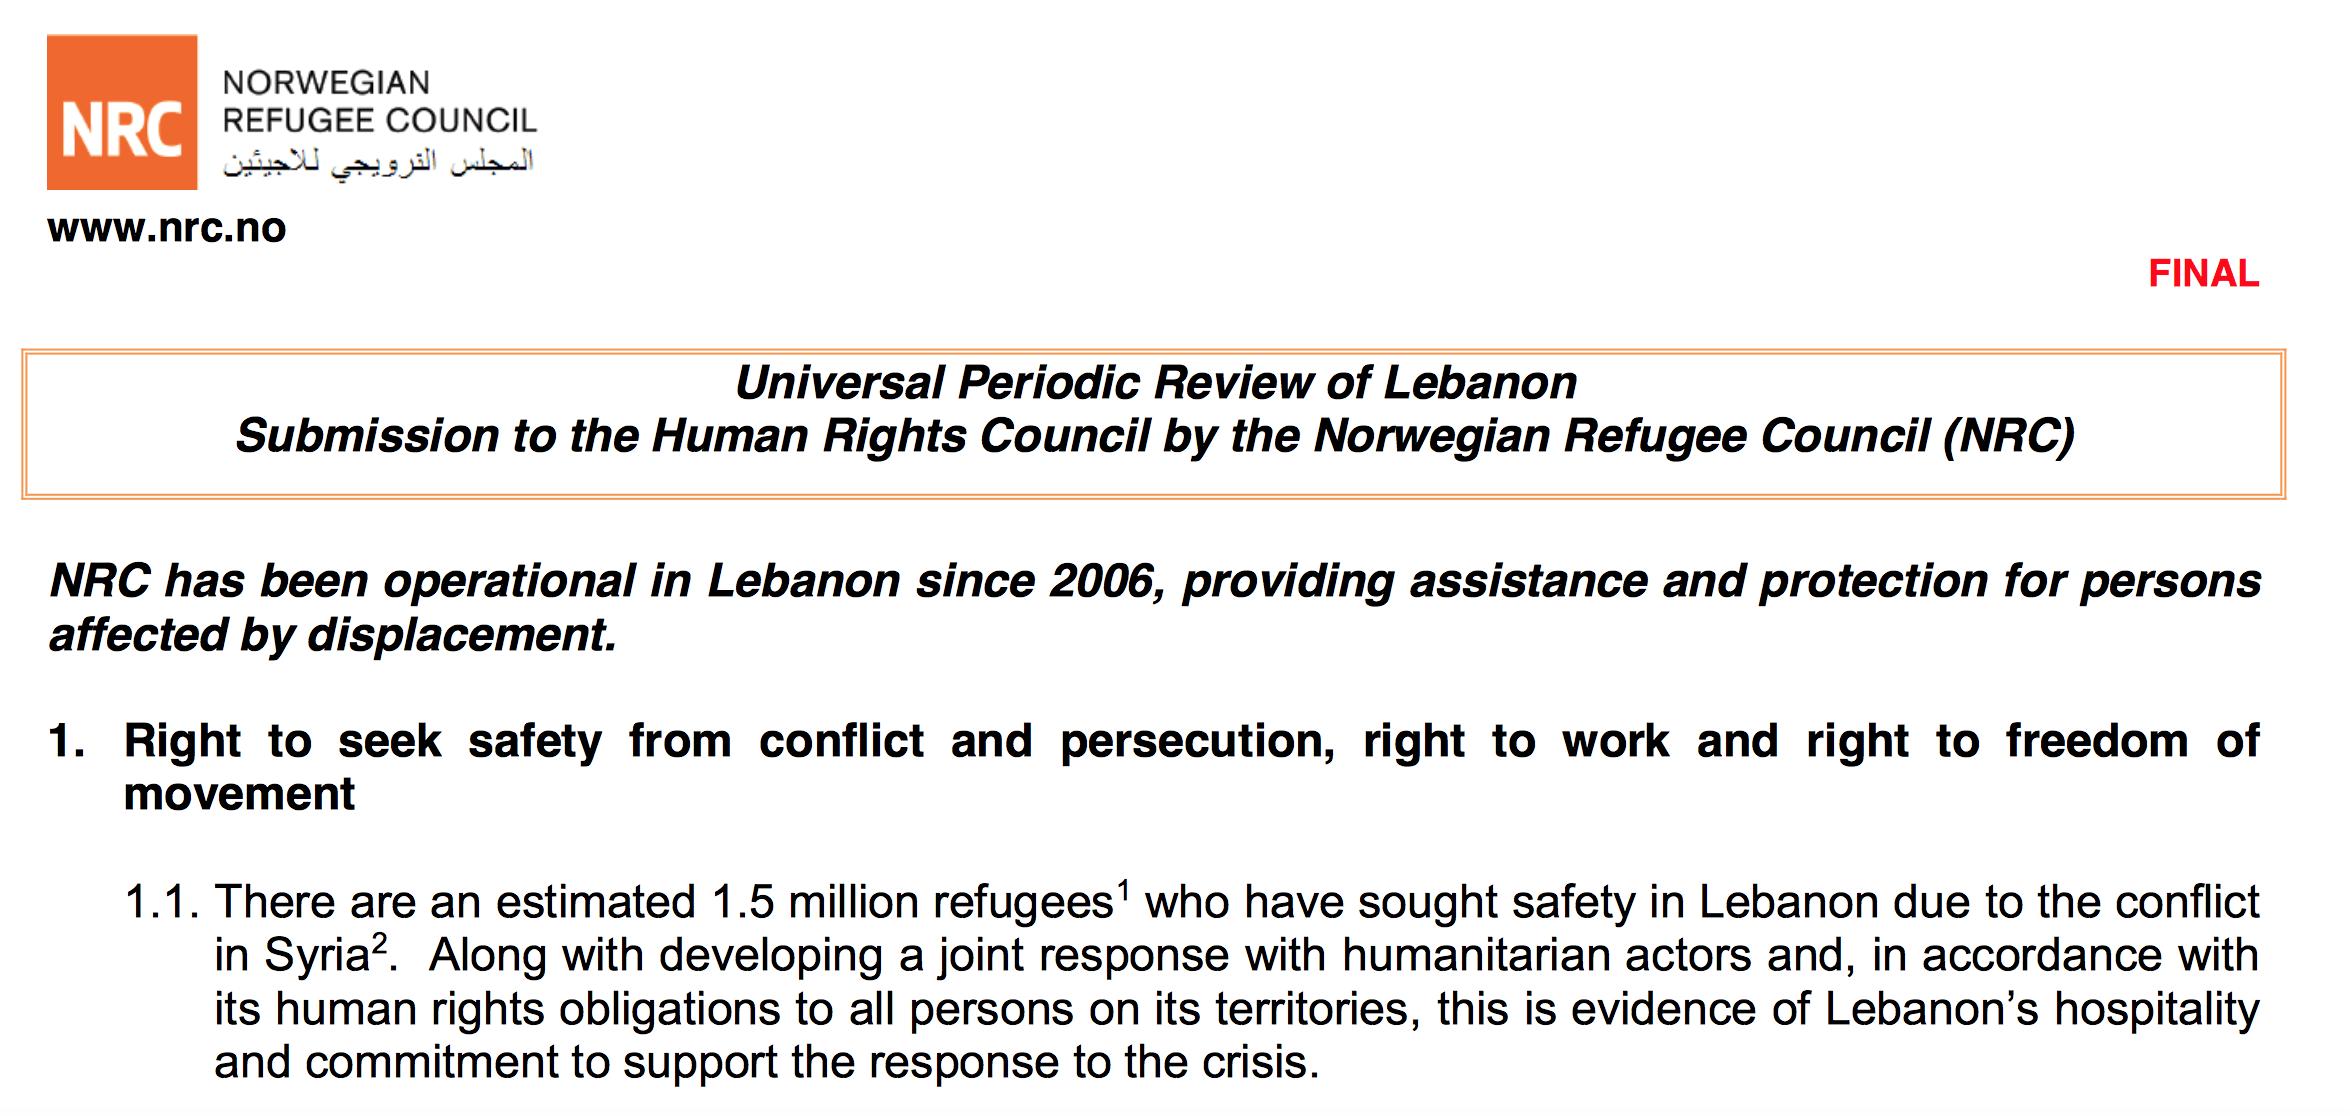 تقرير المجلس النرويجي للاجئين الى الاستعراض الدوري الشامل ٢٠١٥